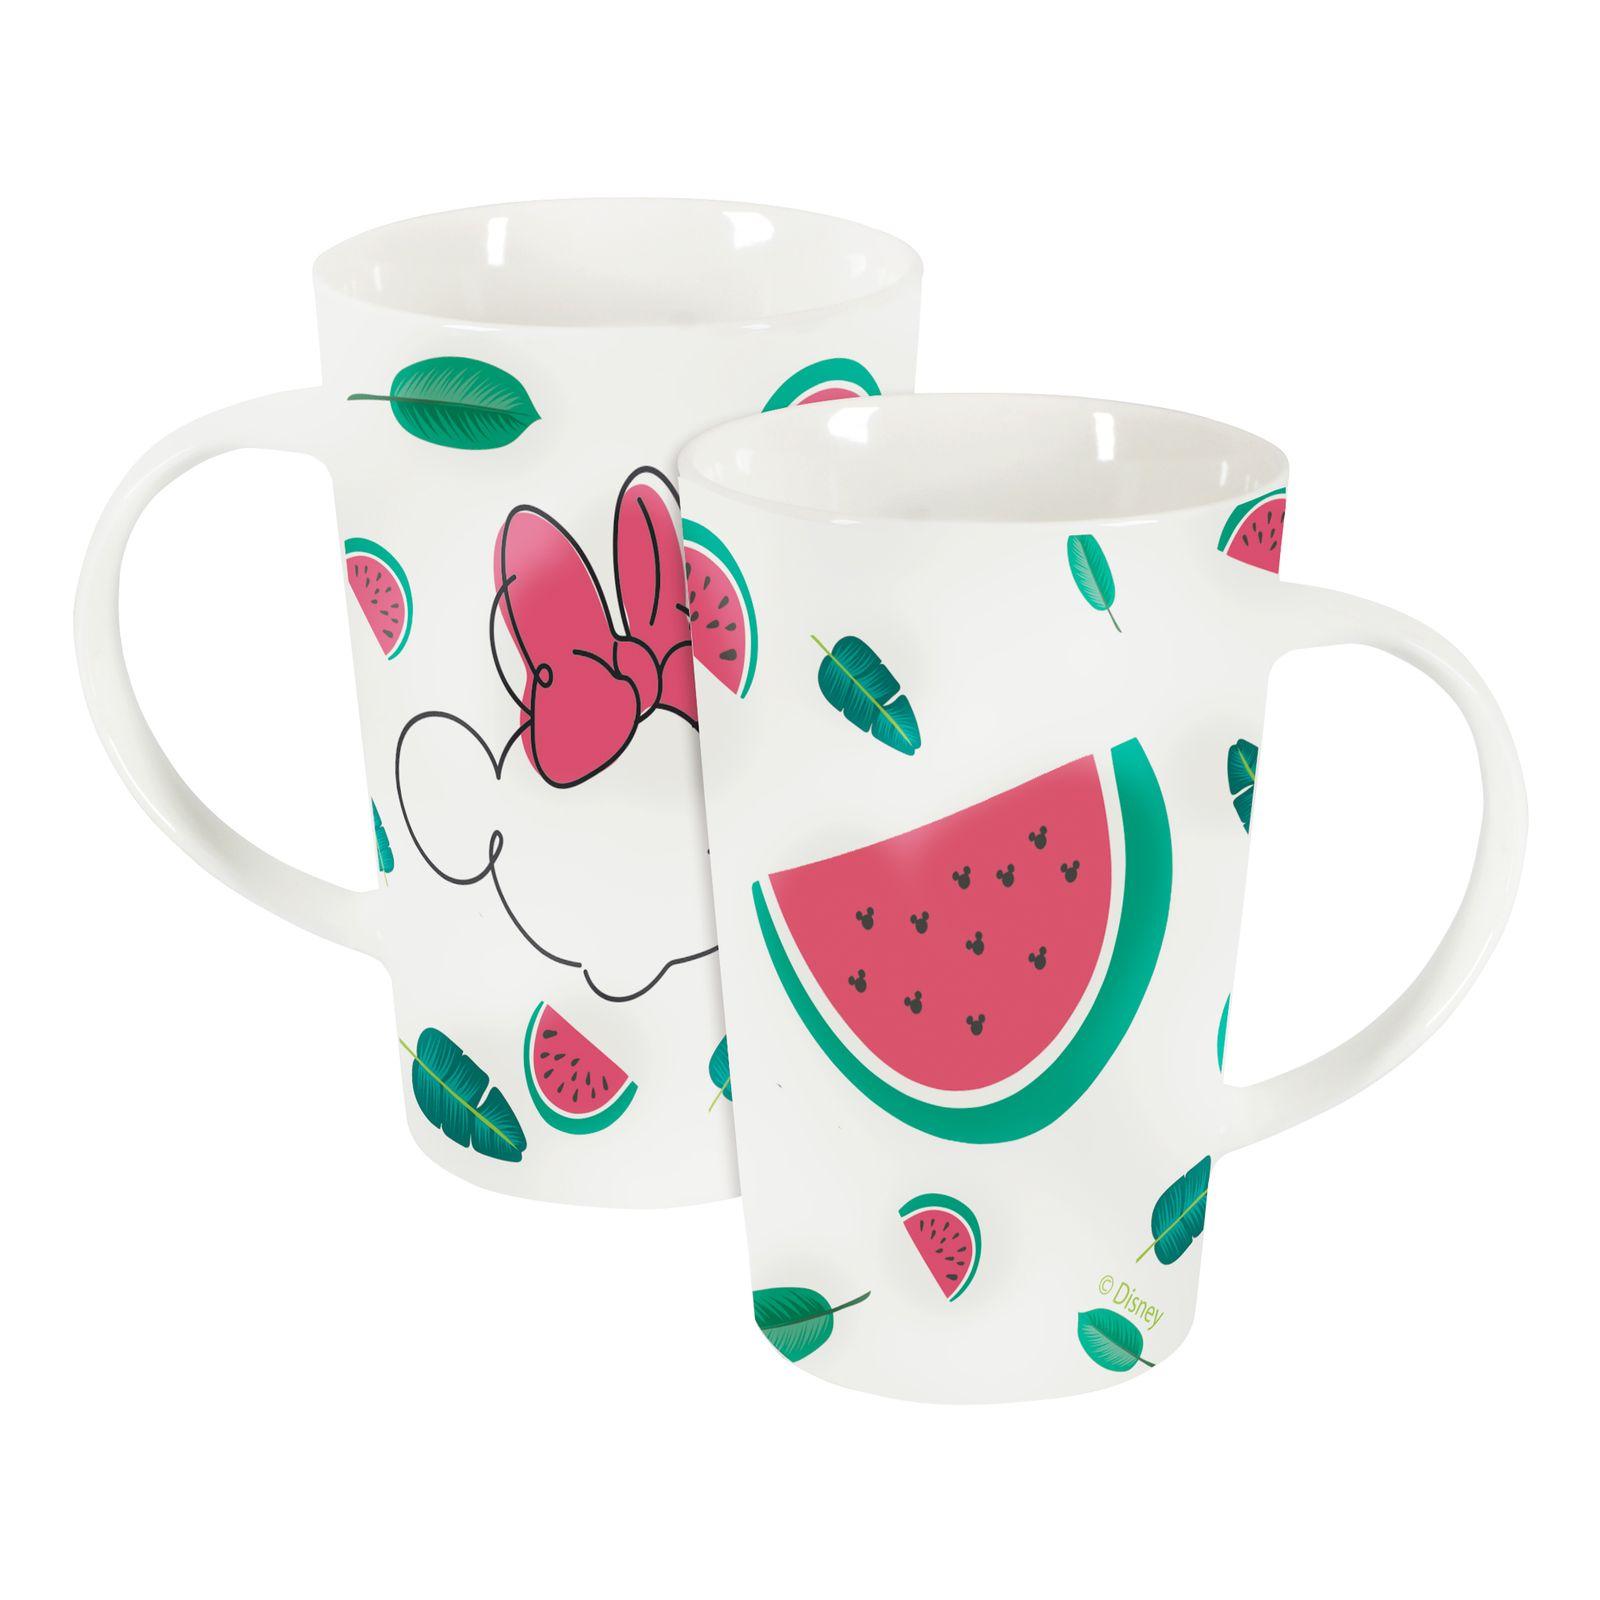 Tasse en porcelaine Minnie Tropical 43 cl Pastèque DISNEY / AMBITION